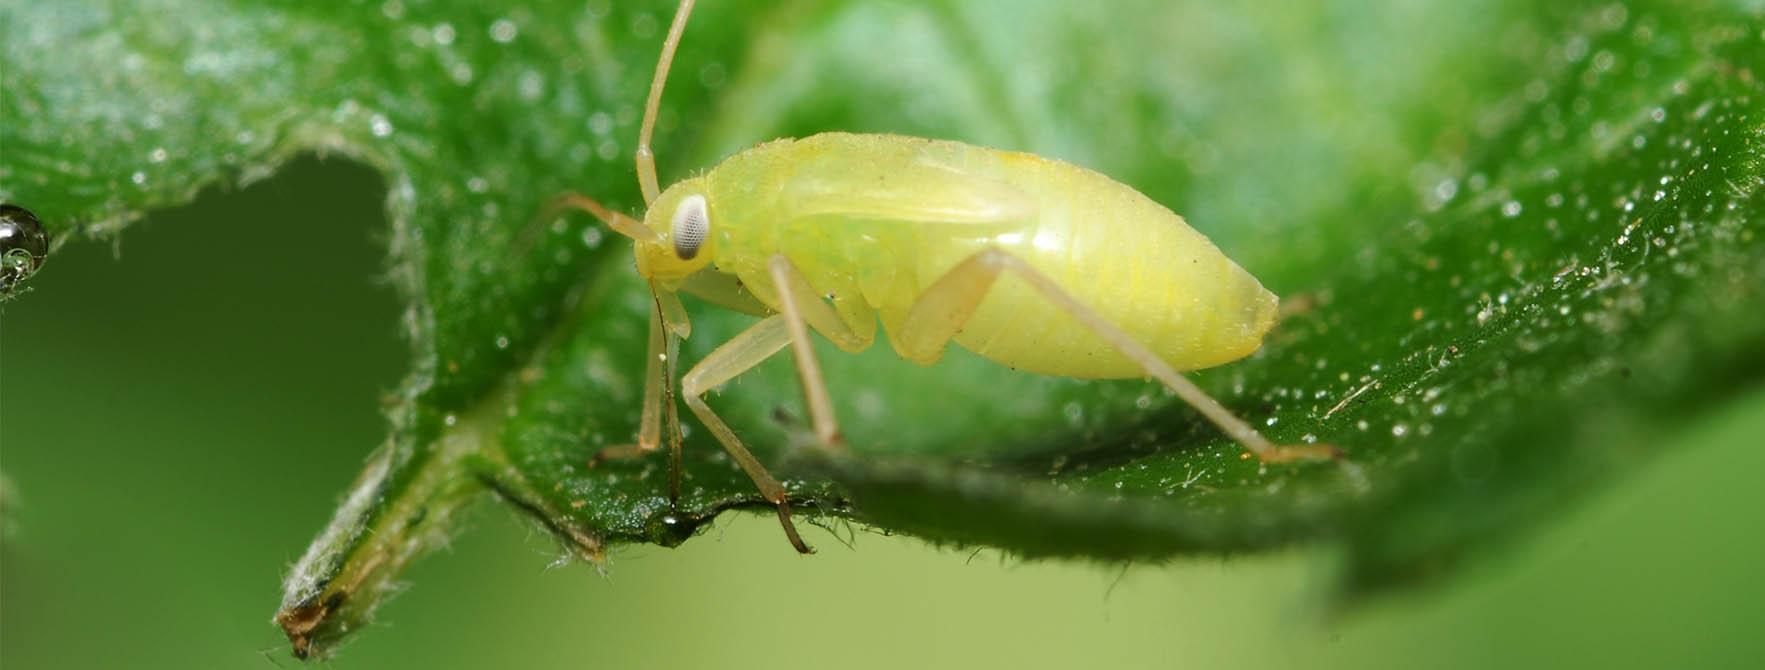 كيف تتخلص من حشرات  المن بالطرق الطبيعية؟